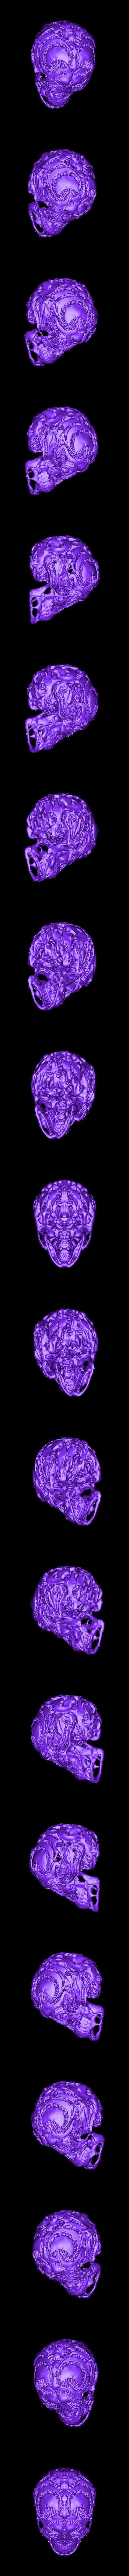 huntersskullremesh.stl Télécharger fichier OBJ gratuit Chasseurs - Crâne de chasseur • Modèle imprimable en 3D, SYFY